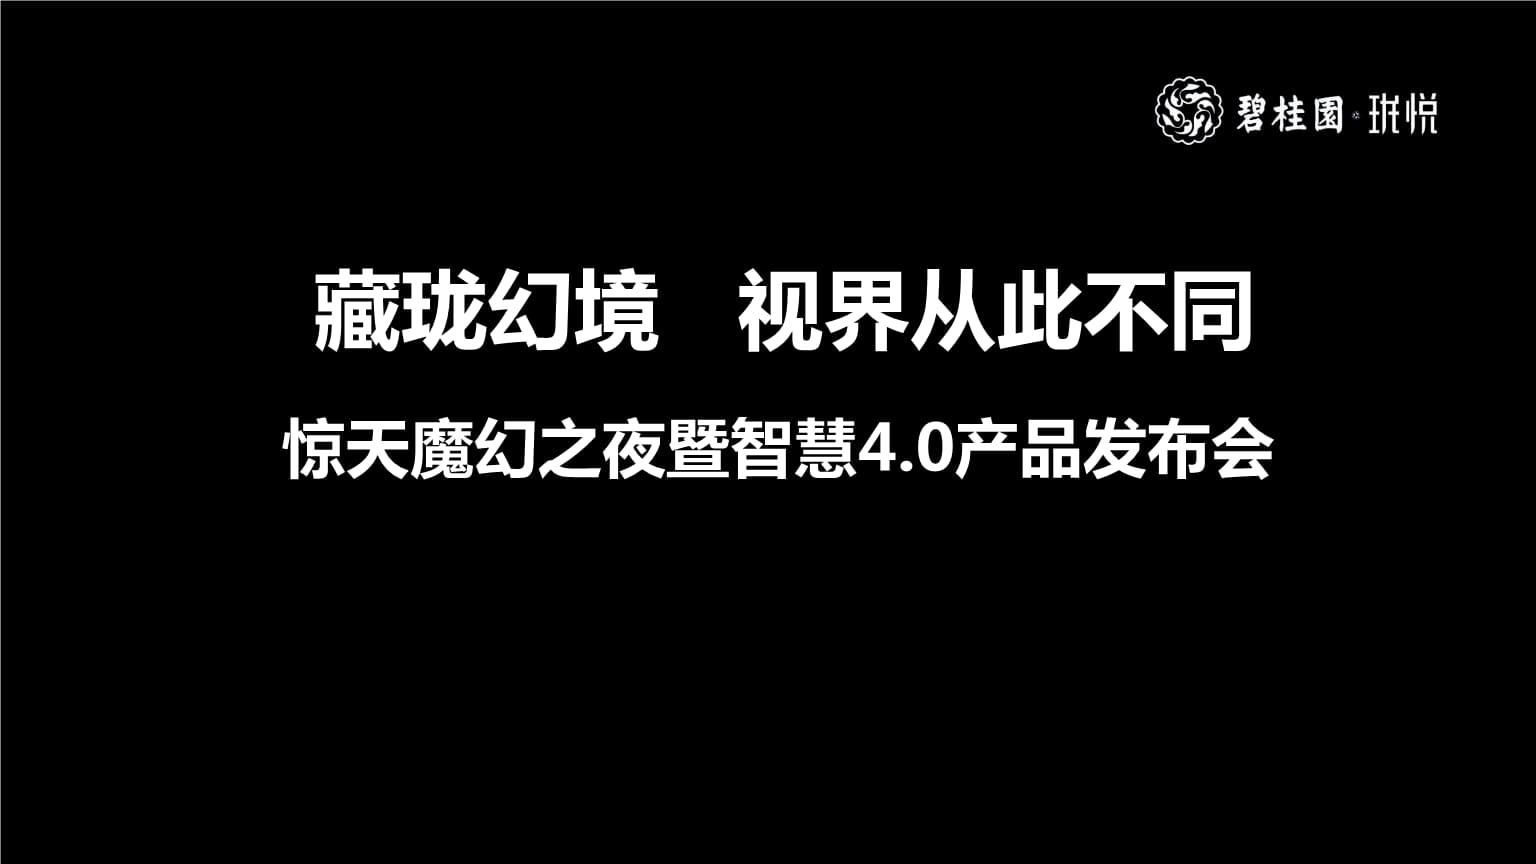 珑悦惊天魔幻之夜暨智慧4.0产品发布会策划案.pptx